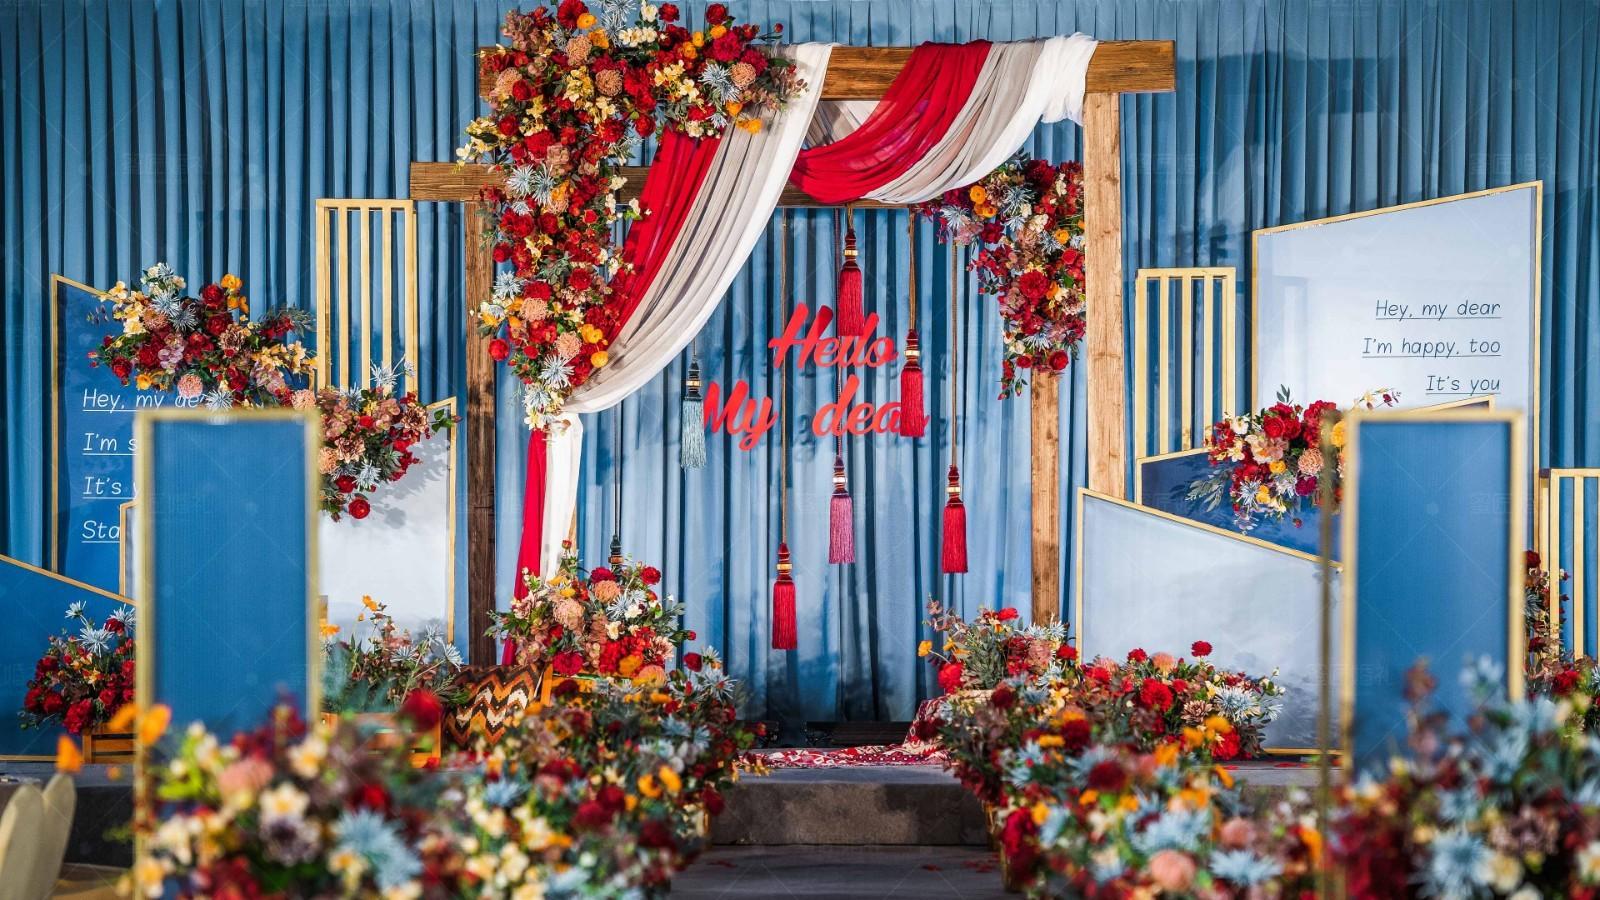 高贵优雅的婚礼签到台如何布置 优雅婚礼签到台布置技巧